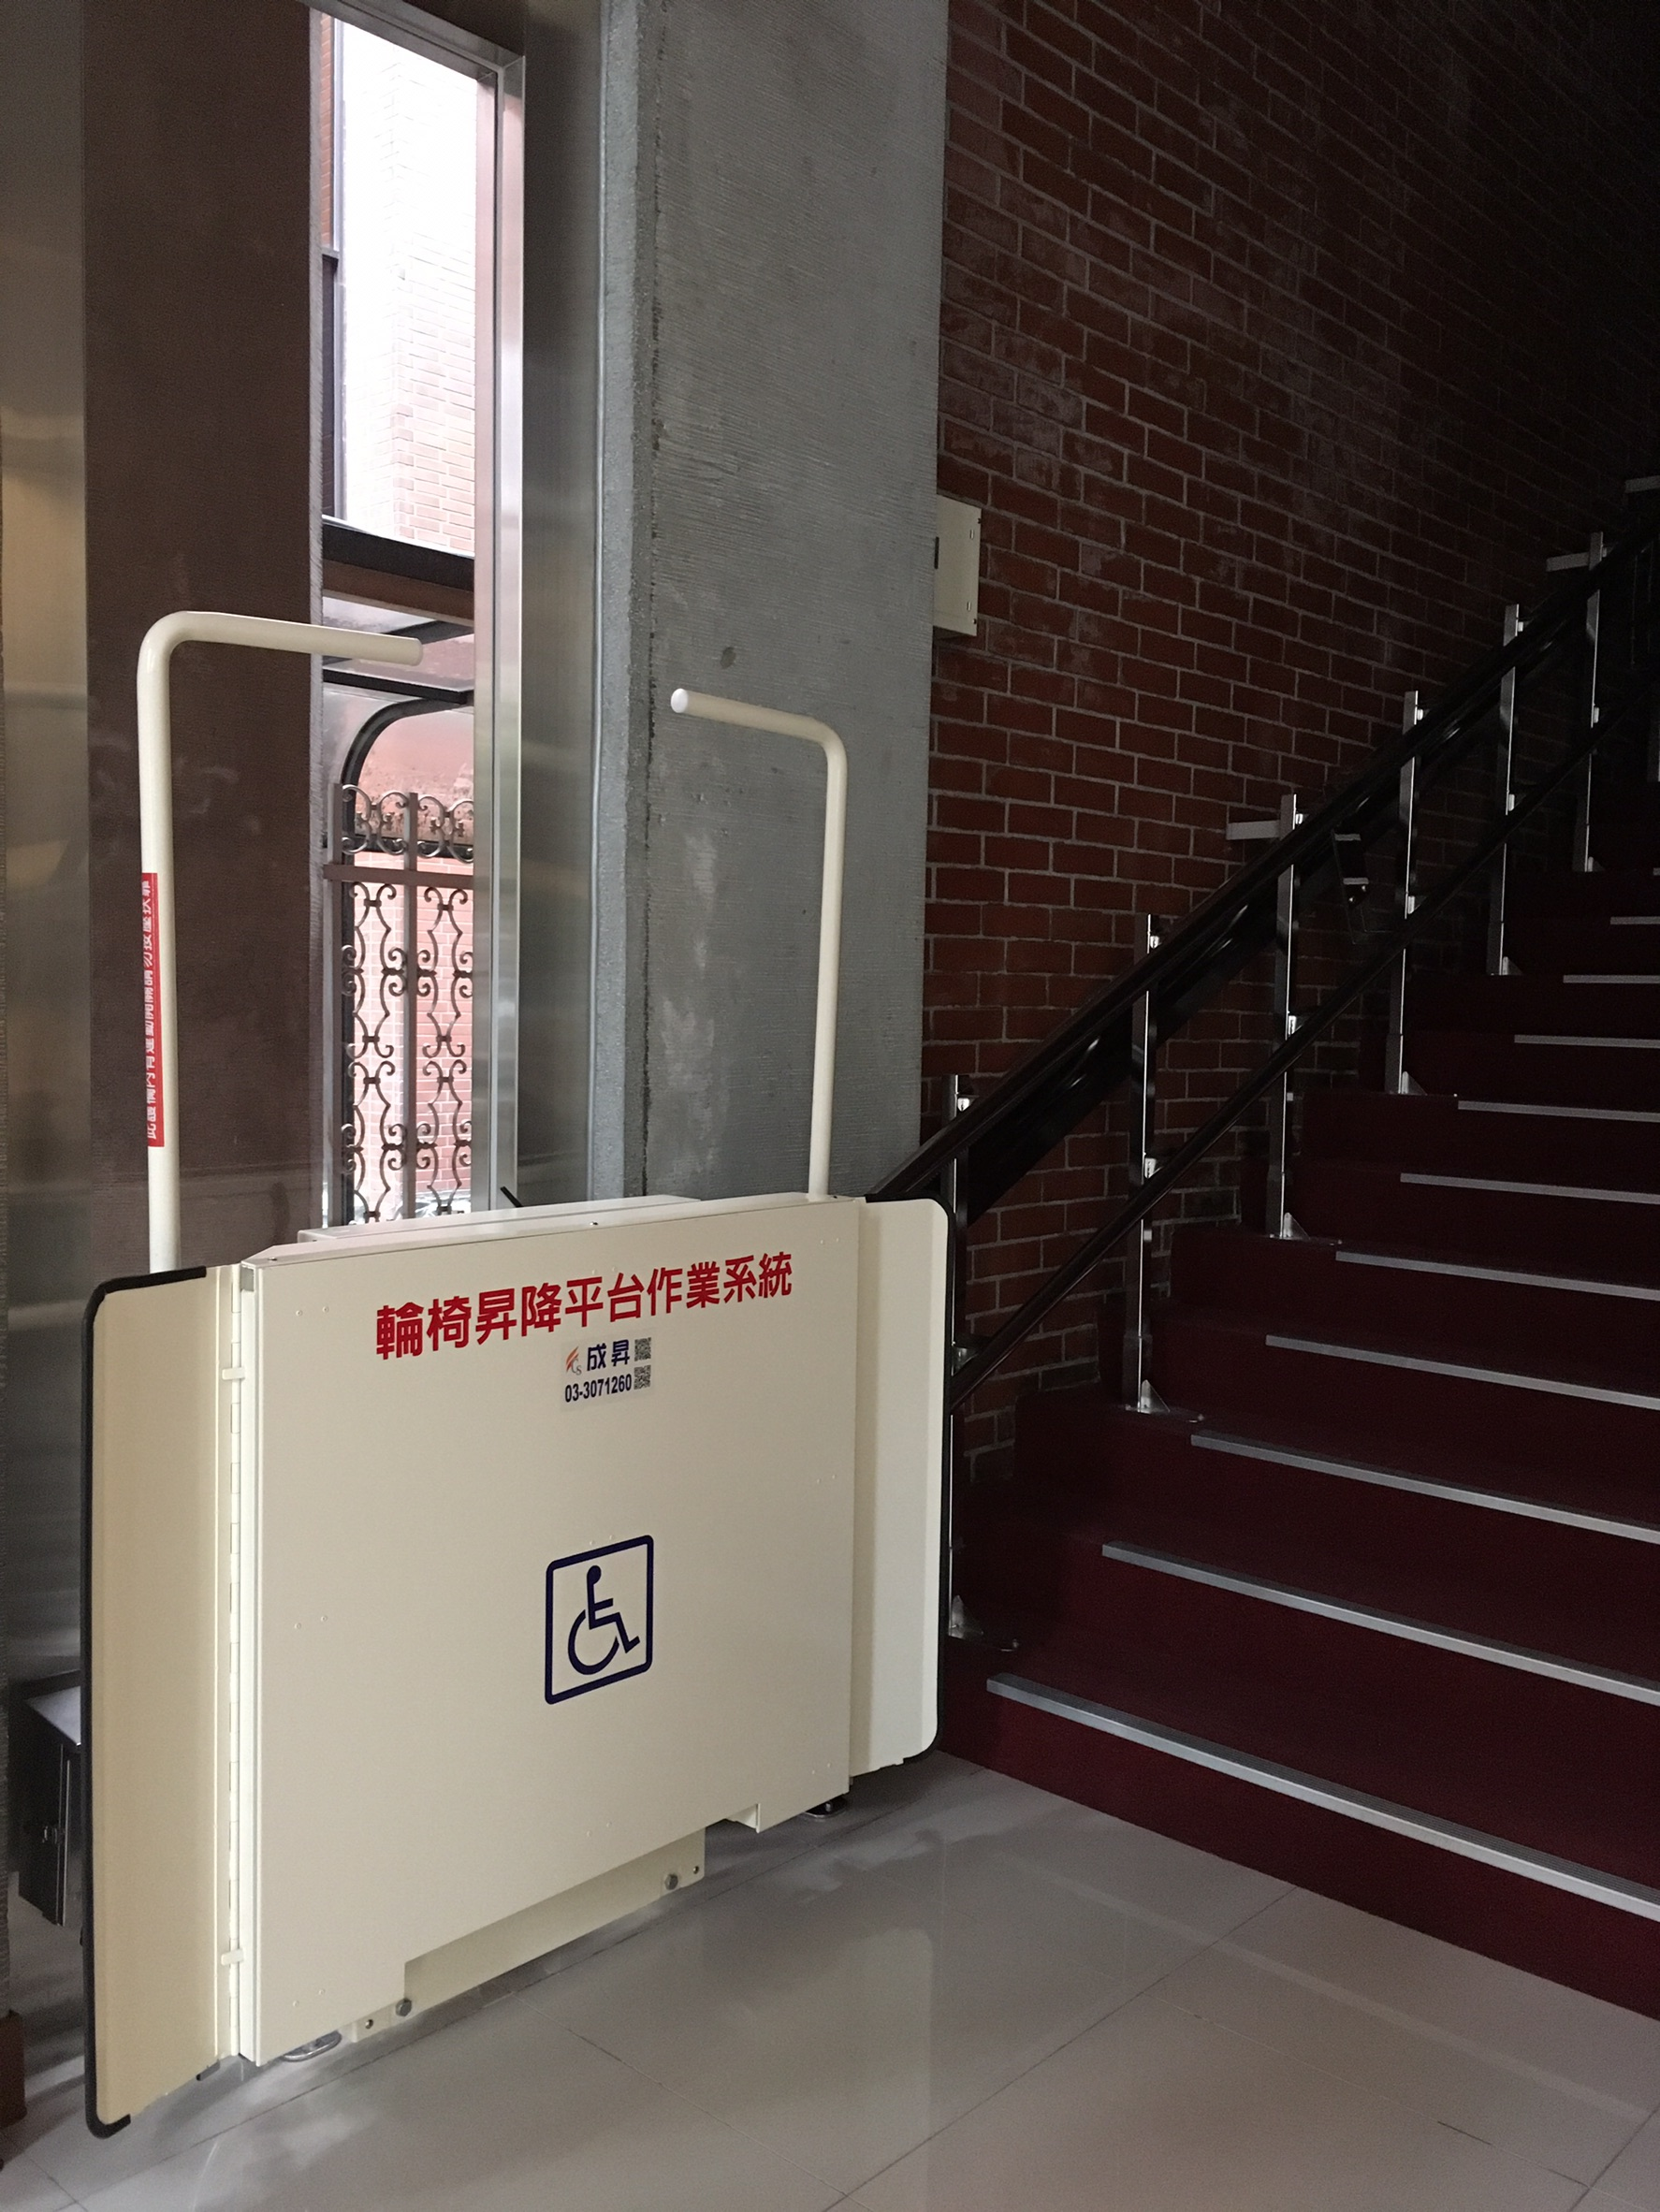 輪椅席電梯